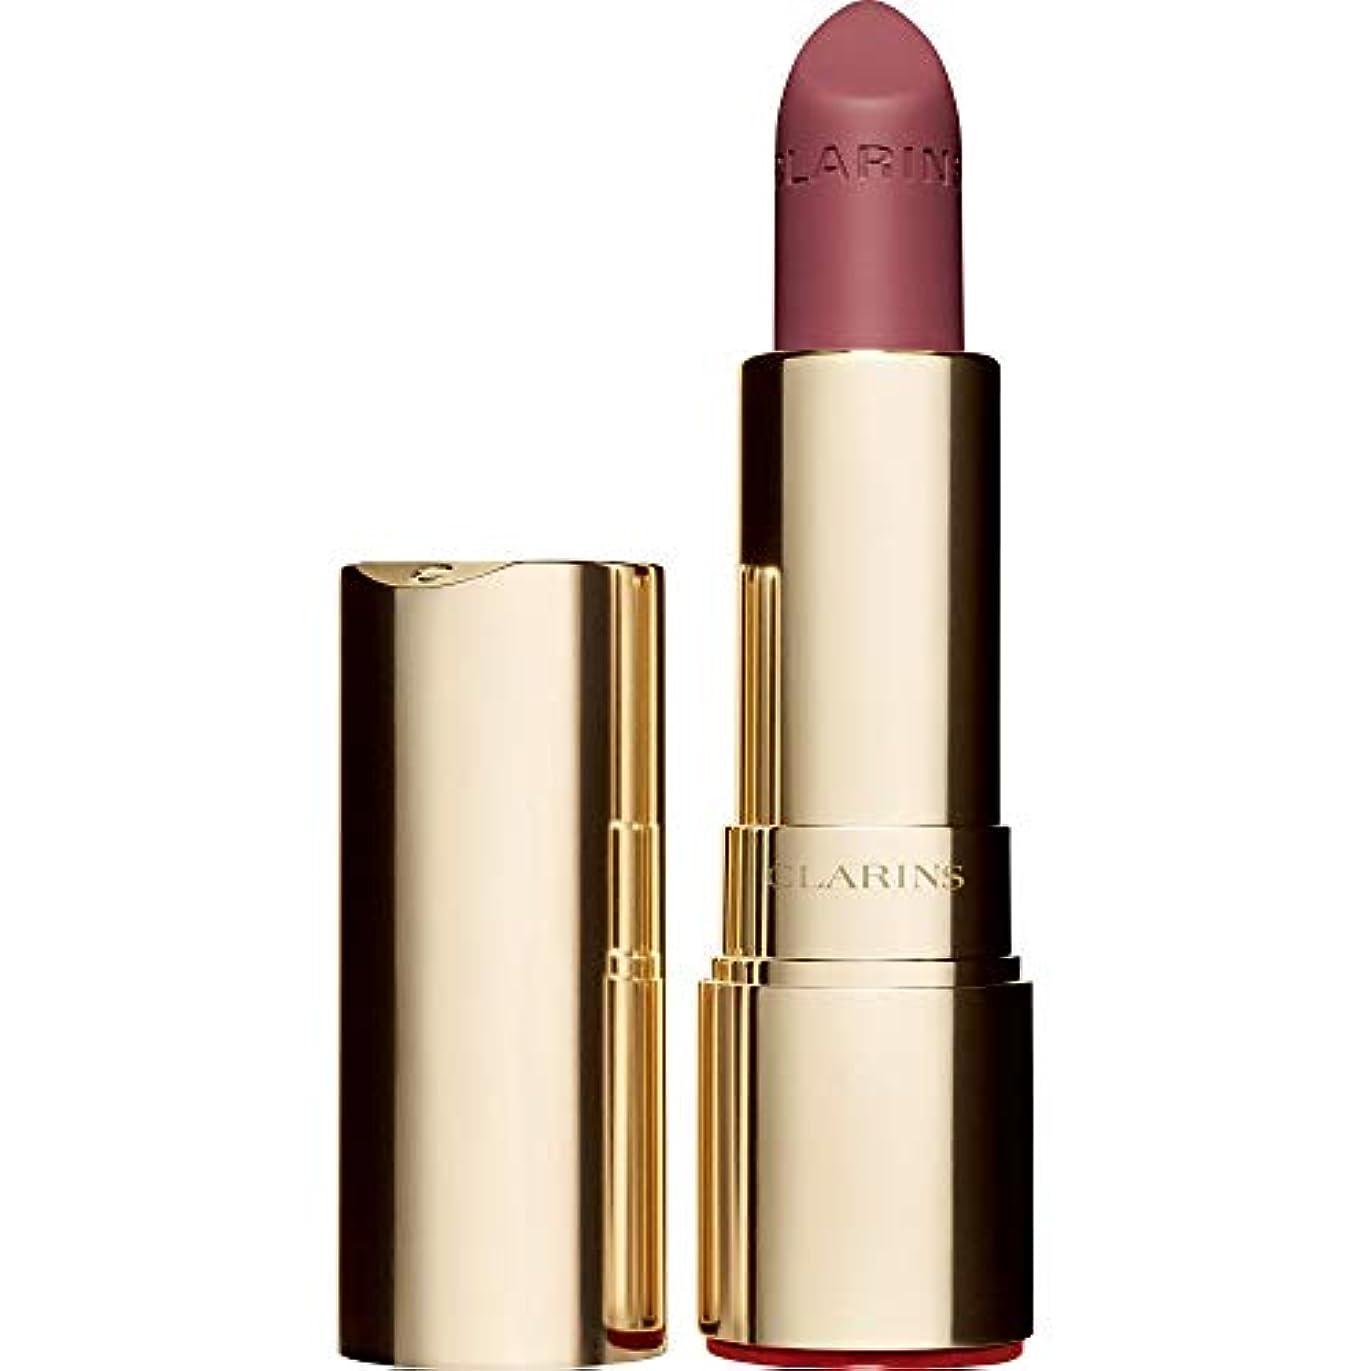 水分ラッカスイソギンチャク[Clarins] クラランスジョリルージュベルベットの口紅3.5グラムの731V - ベリーローズ - Clarins Joli Rouge Velvet Lipstick 3.5g 731V - Rose Berry...